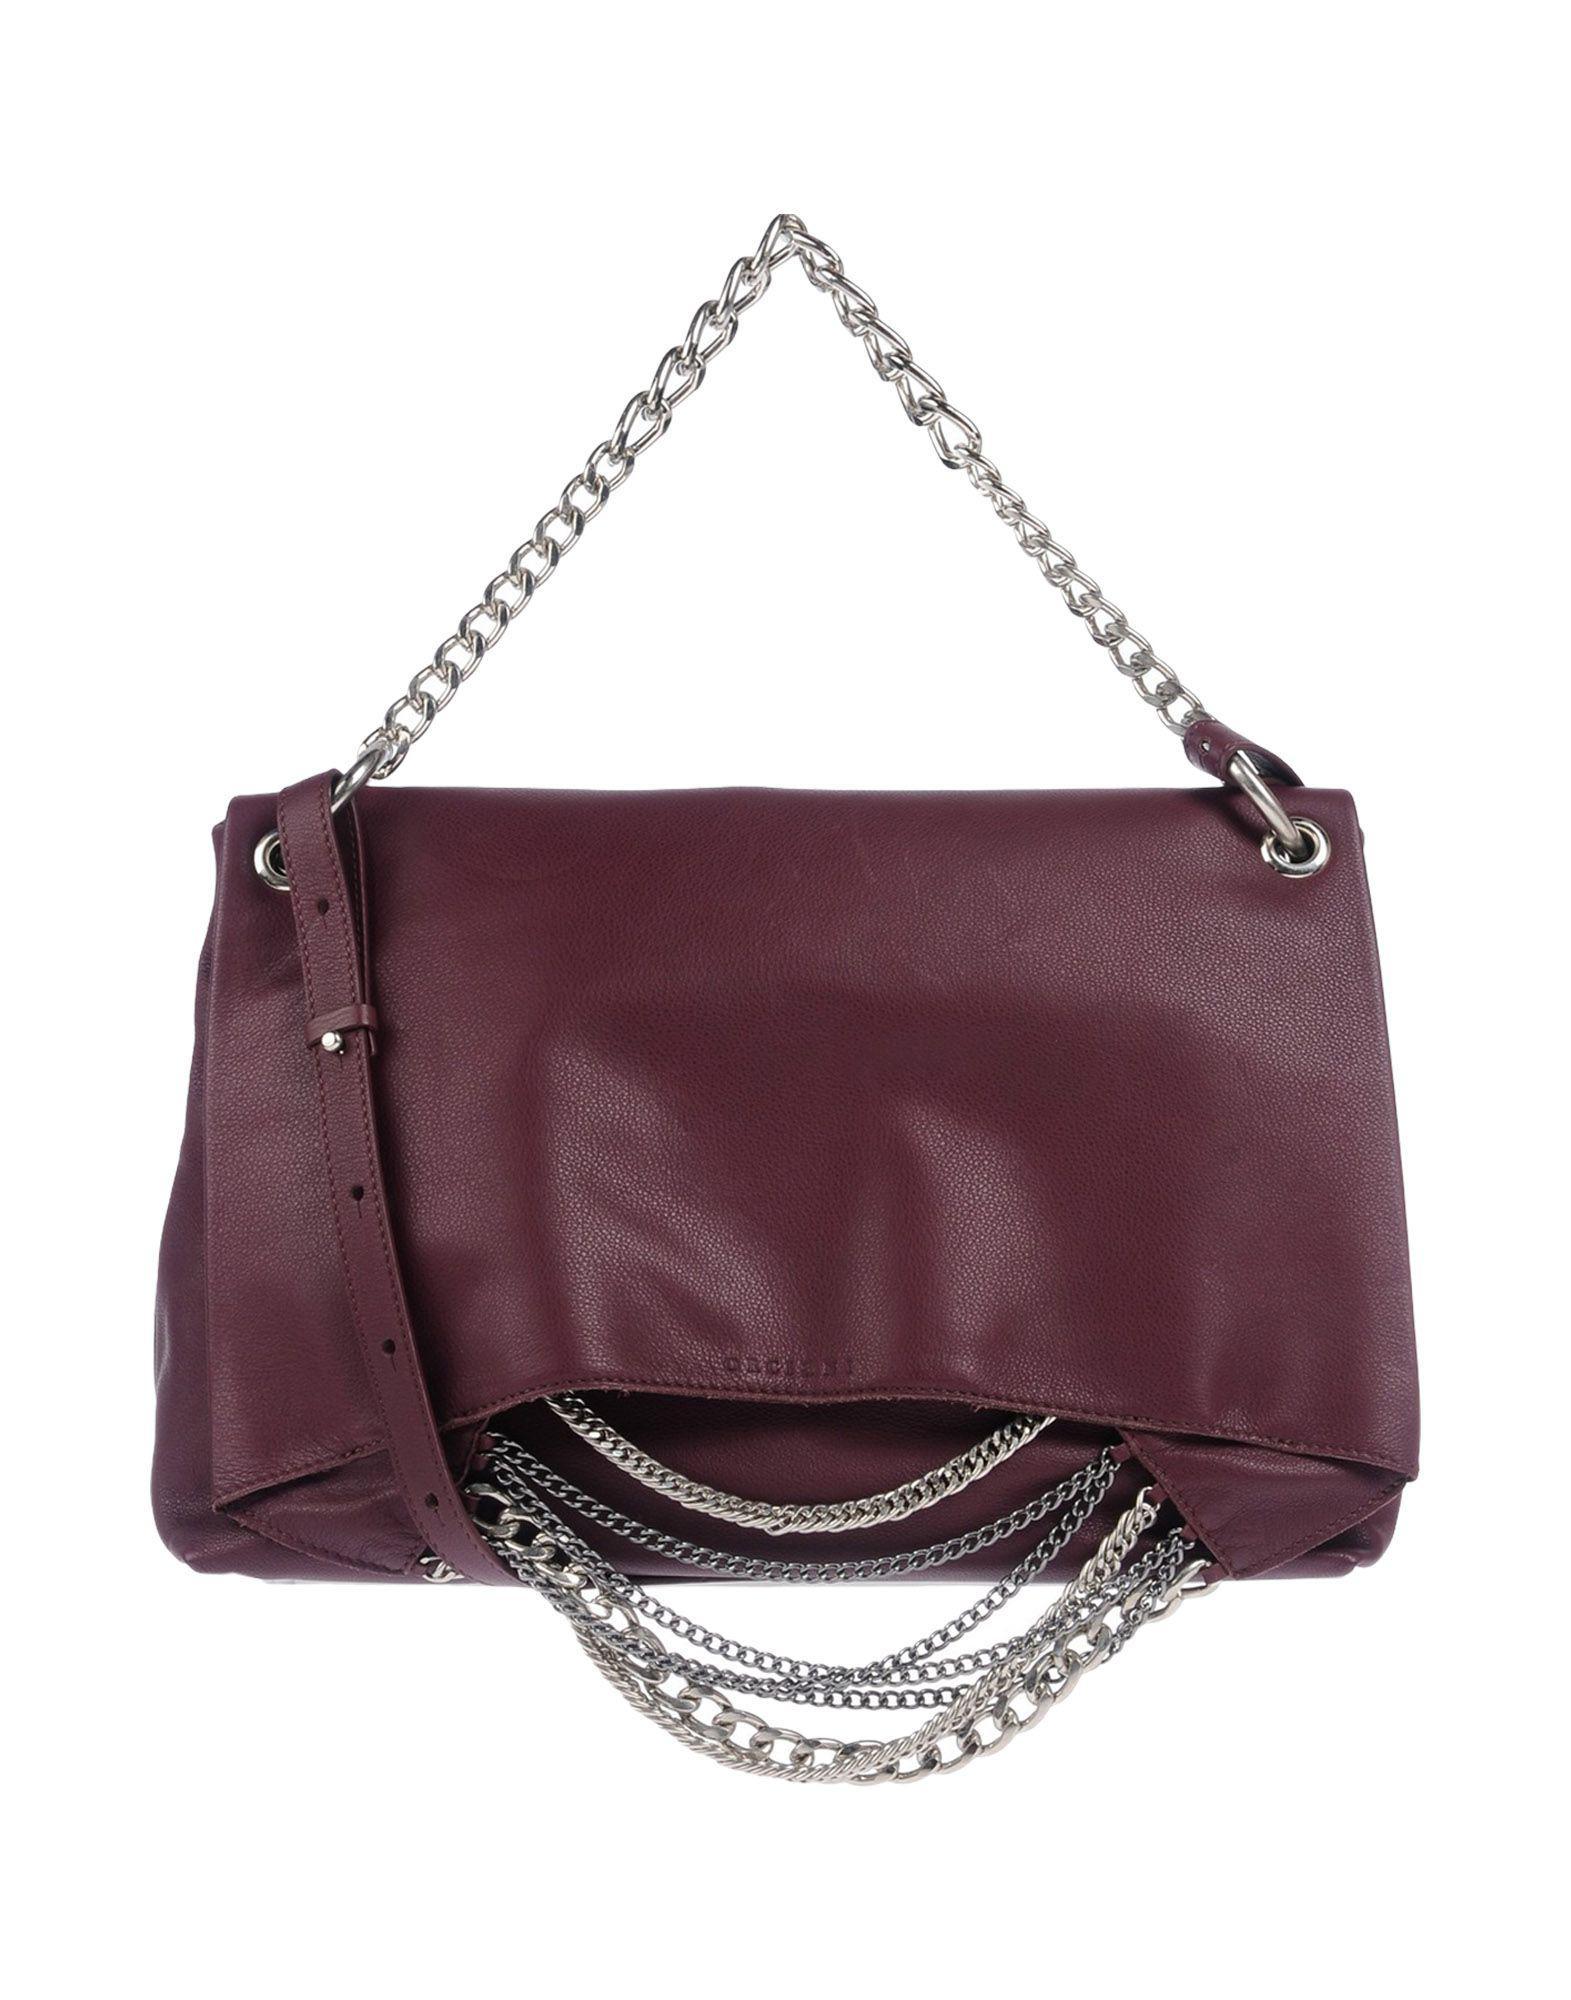 8bd9ef0ca308 Orciani Cross-body Bag in Purple - Lyst